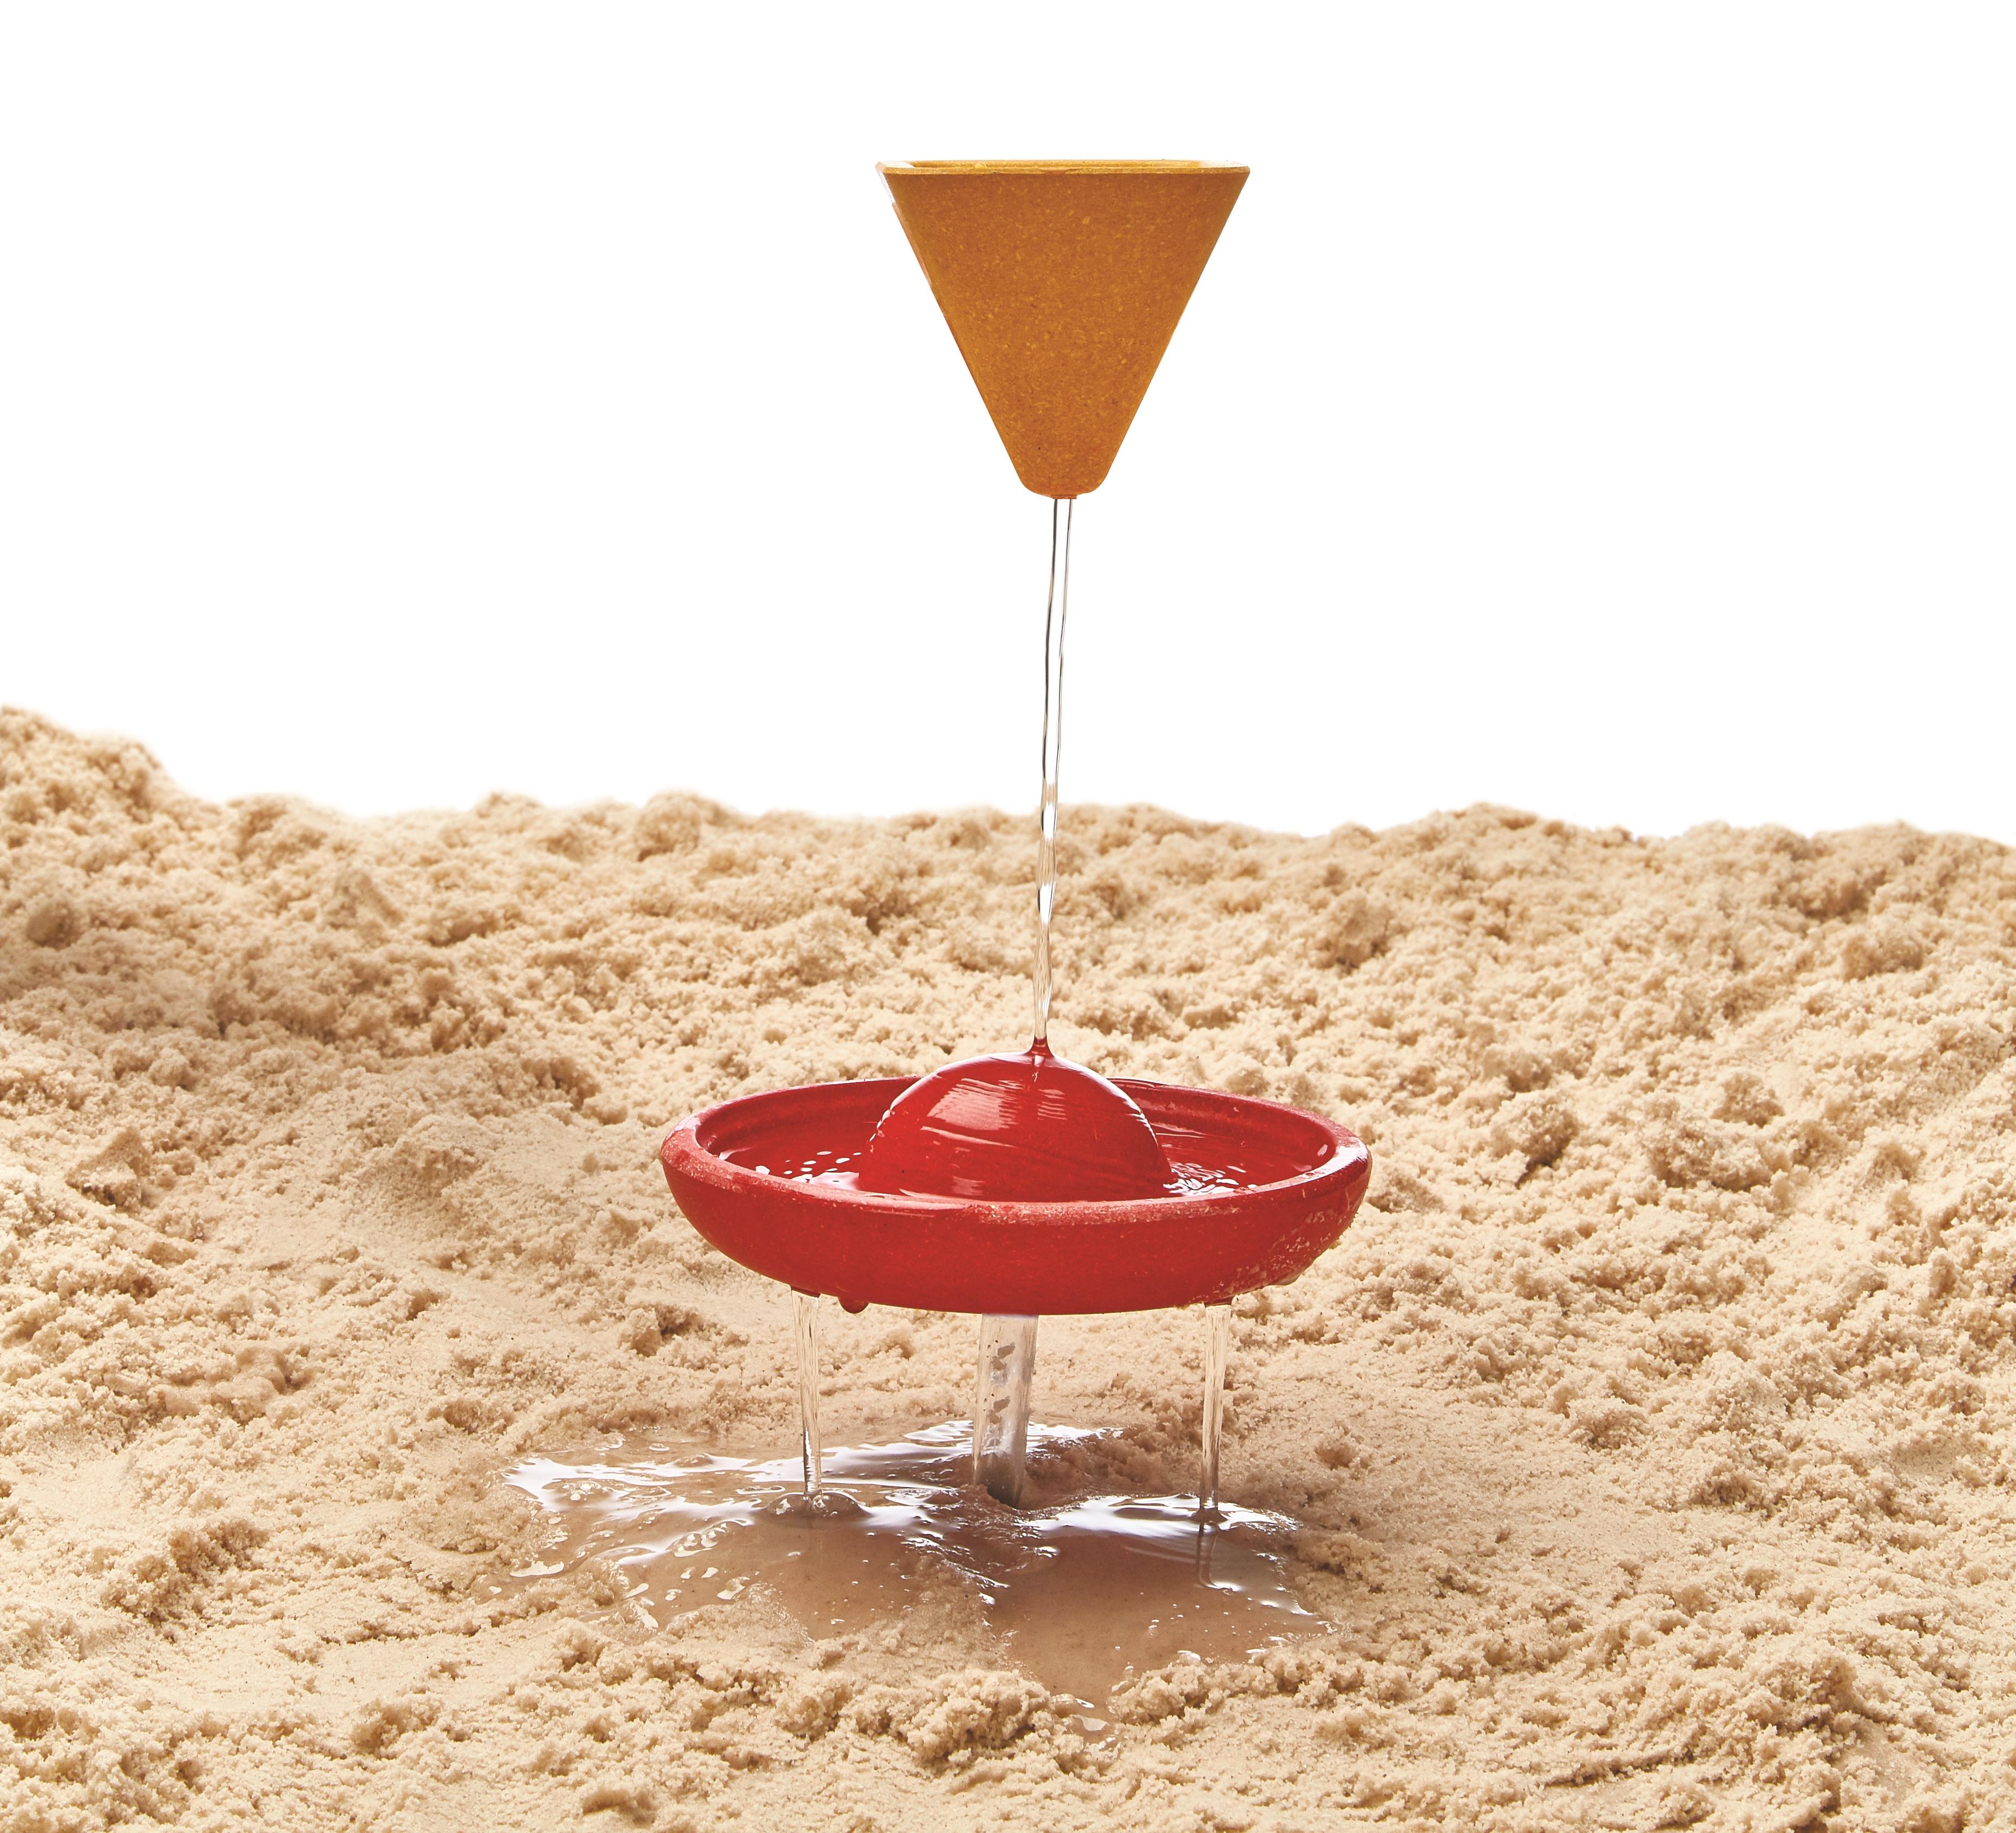 Plan Toys - Creative Sand Play